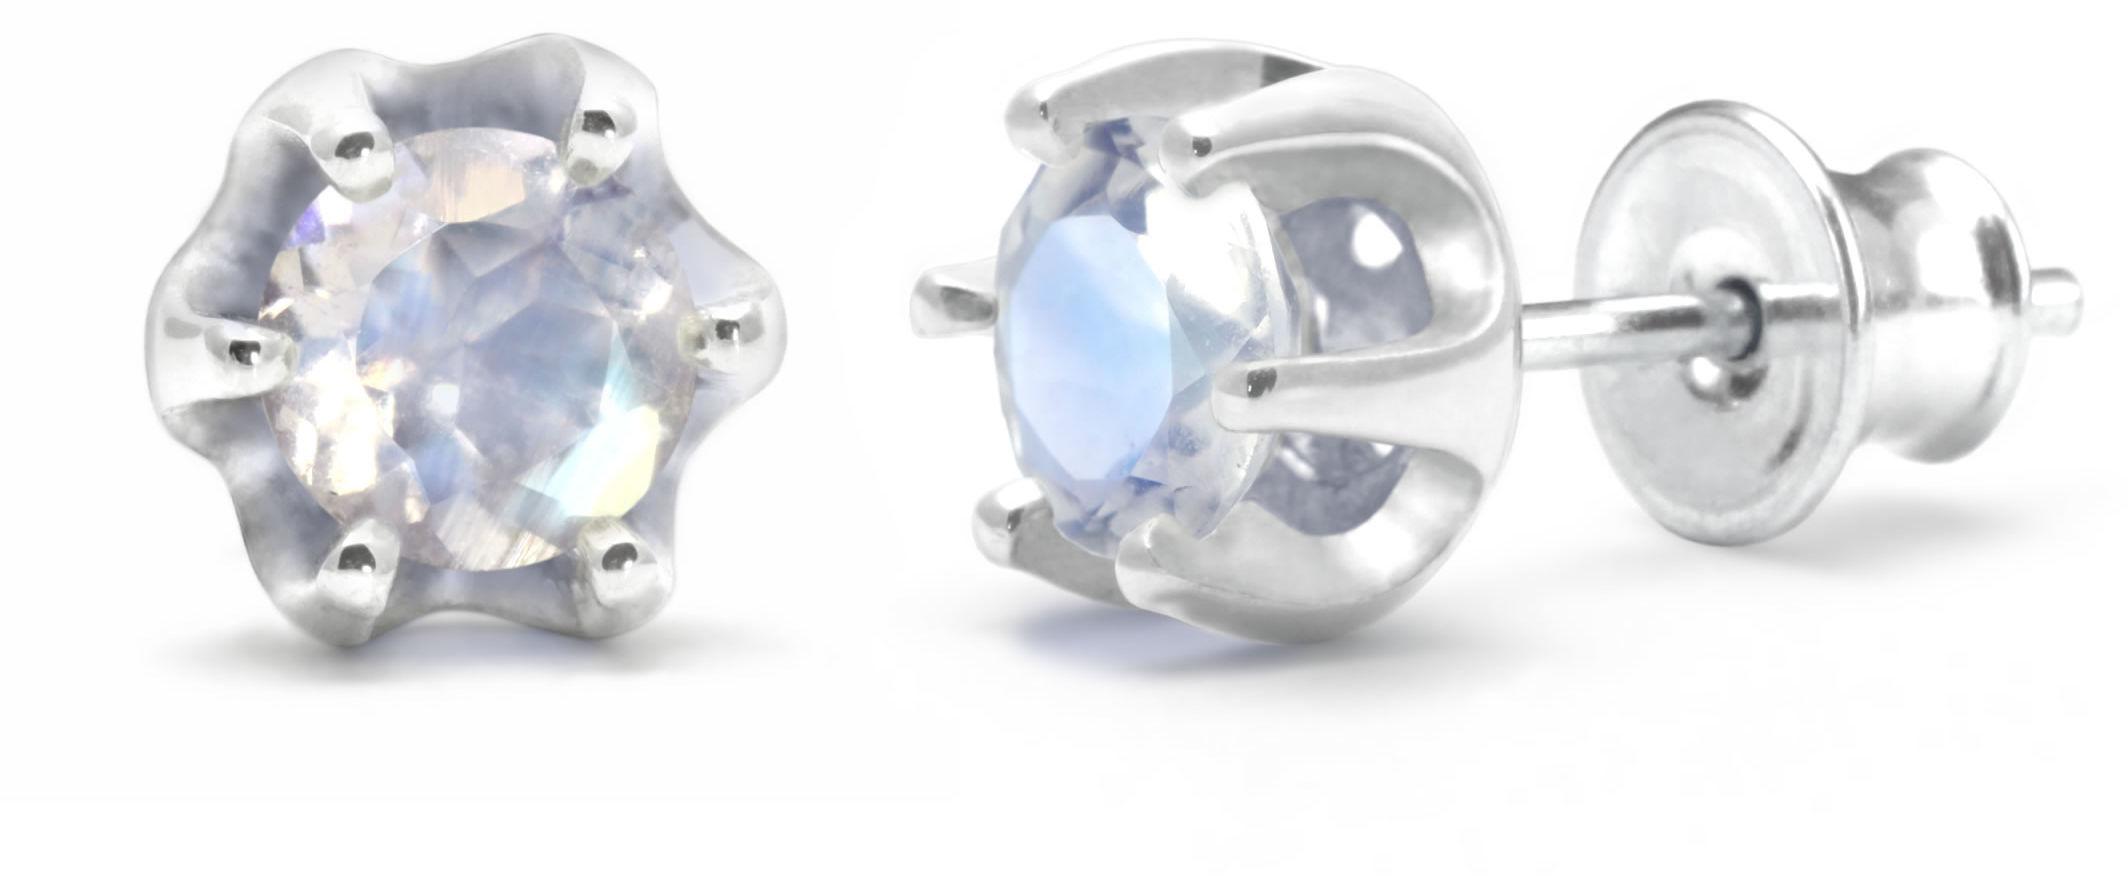 Kuźnia Srebra - Kolczyki srebrne sztyft, 15mm, Kamień Księżycowy, 2g, model